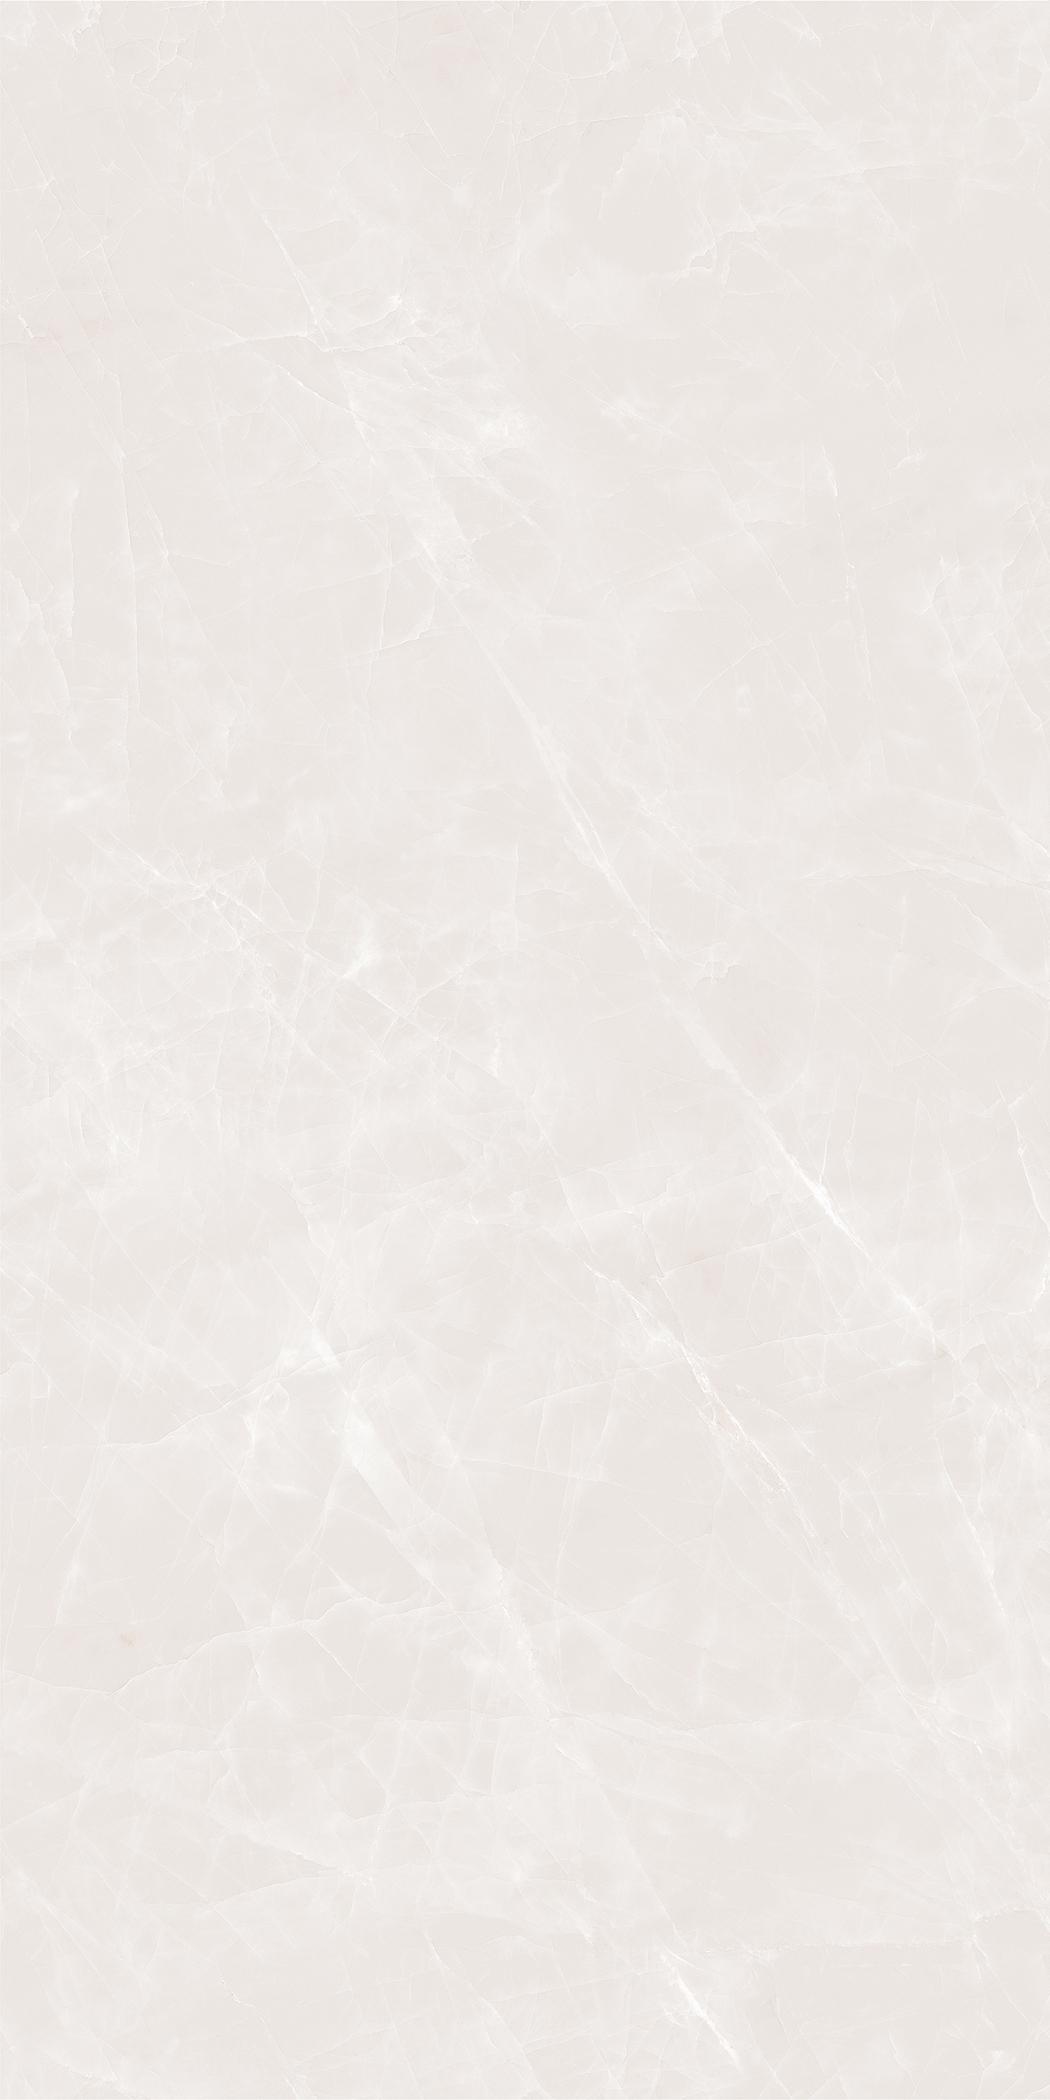 冰鑽灰(hui)